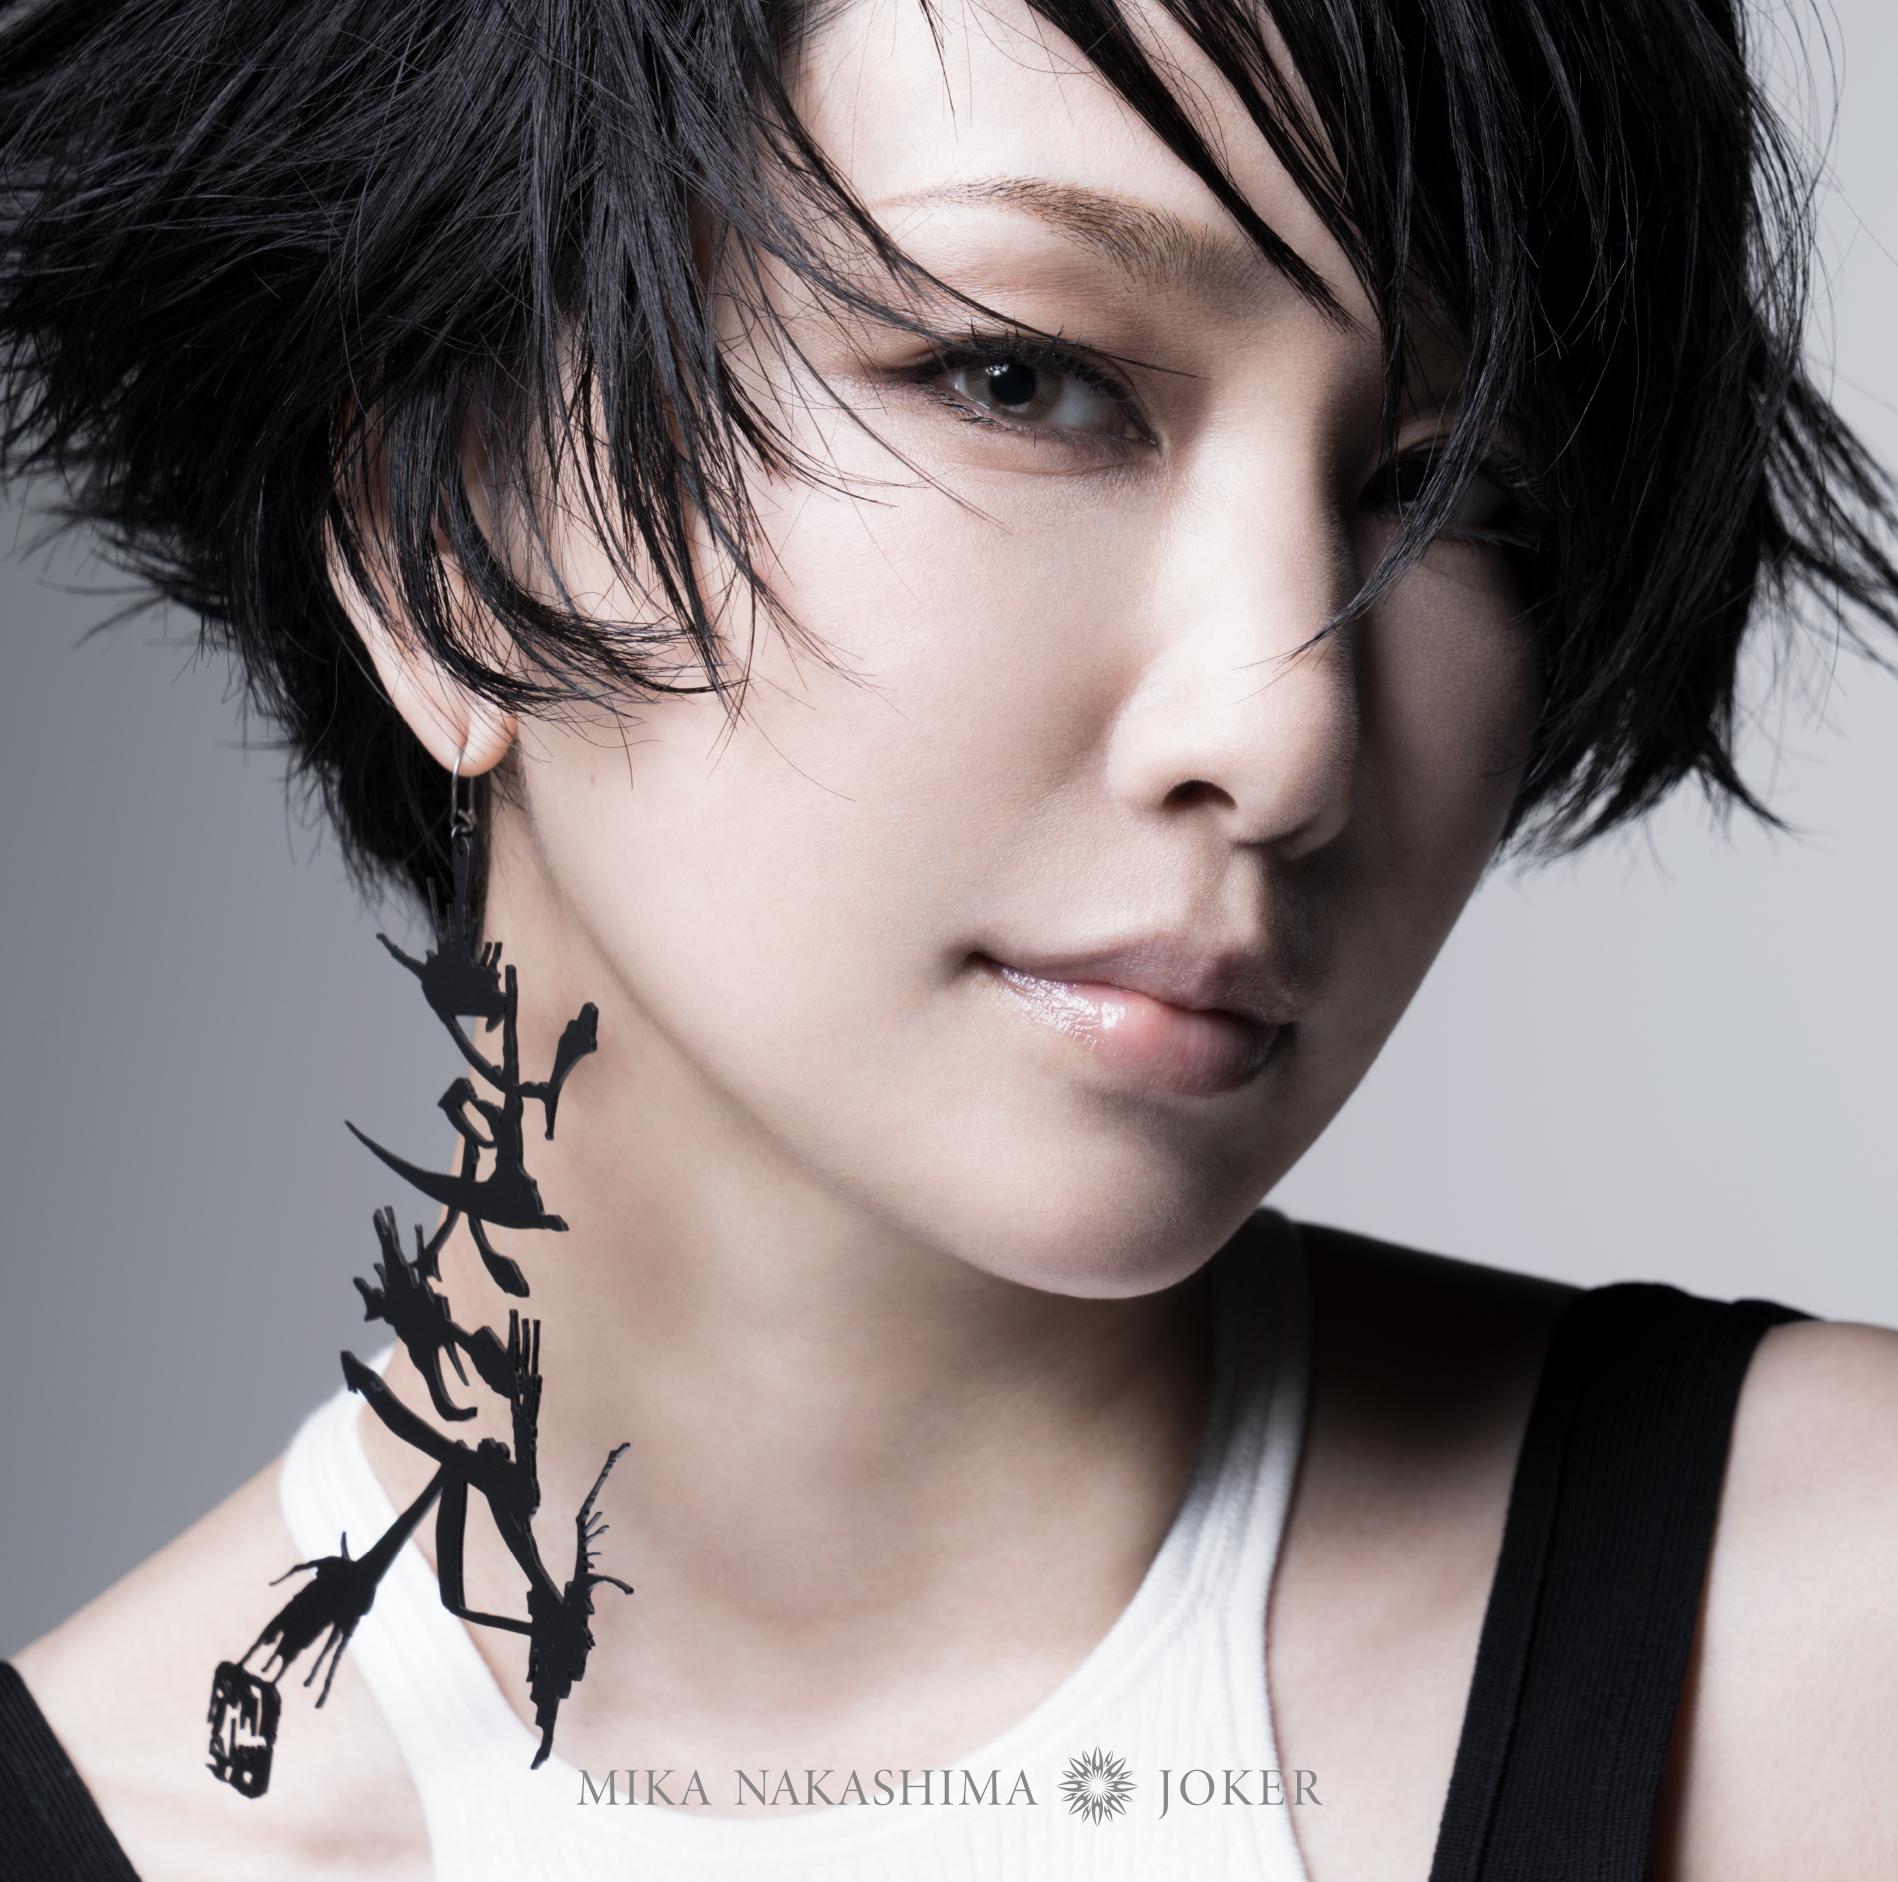 中島美嘉 - JOKER [2020.10.07+MP3+RAR]